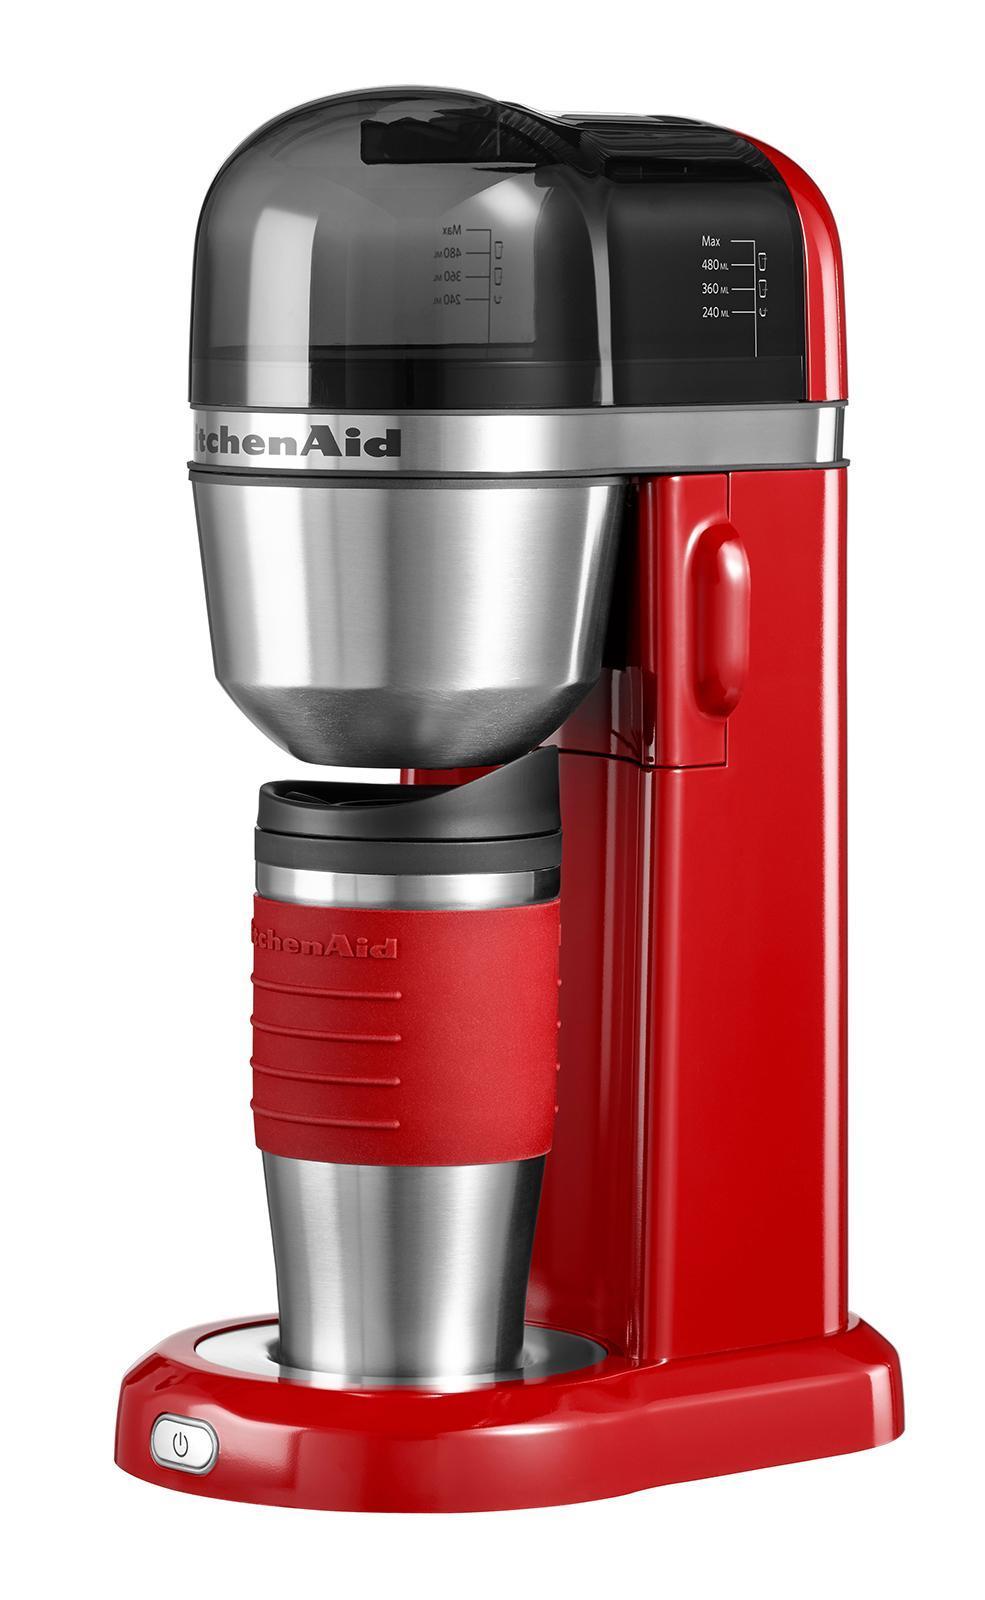 KitchenAid (5KCM0402EER), Red кофеварка5KCM0402EERКофеварка KitchenAid 5KCM0402EER предназначена для приготовления кофе из молотых зерен. Оптимальная технология варки кофе с электронной регулировкой температуры.